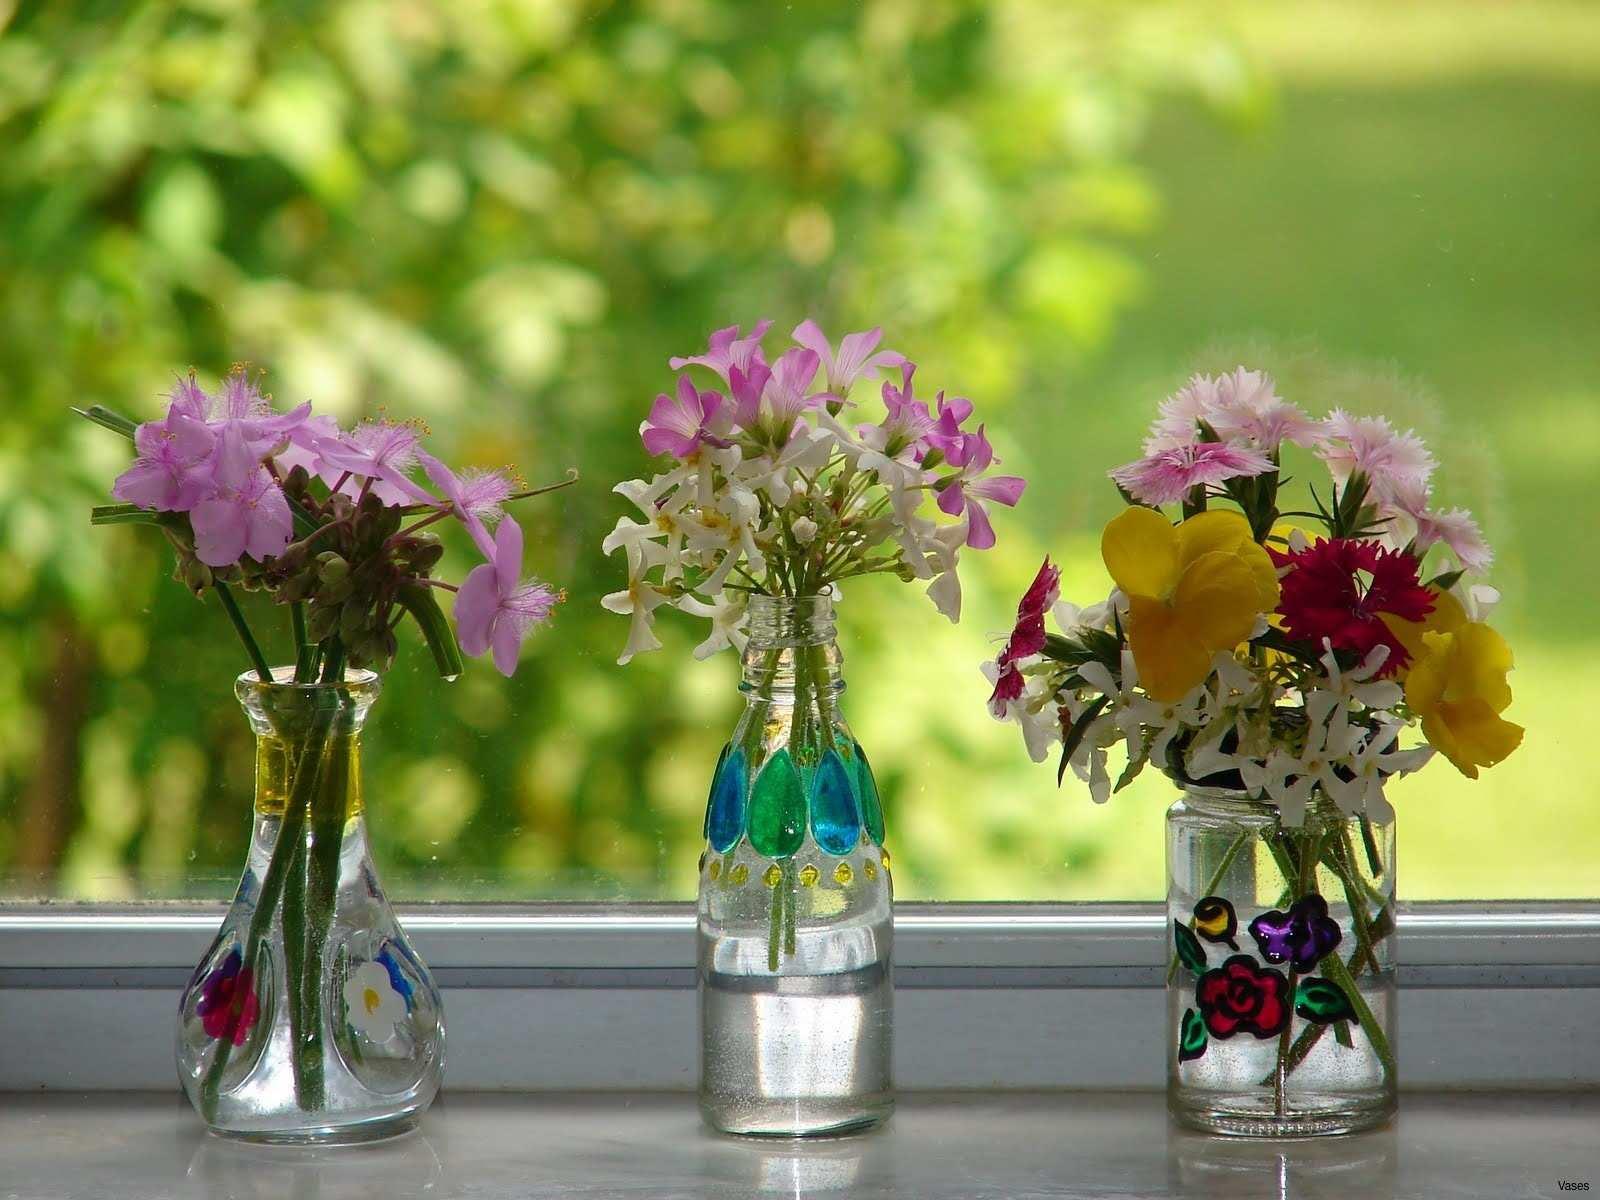 yellow flower vase of decorating ideas for vases elegant il fullxfull nny9h vases flower with regard to decorating ideas for vases unique simple flowers white flowersh vases in small best 25 bud ideas